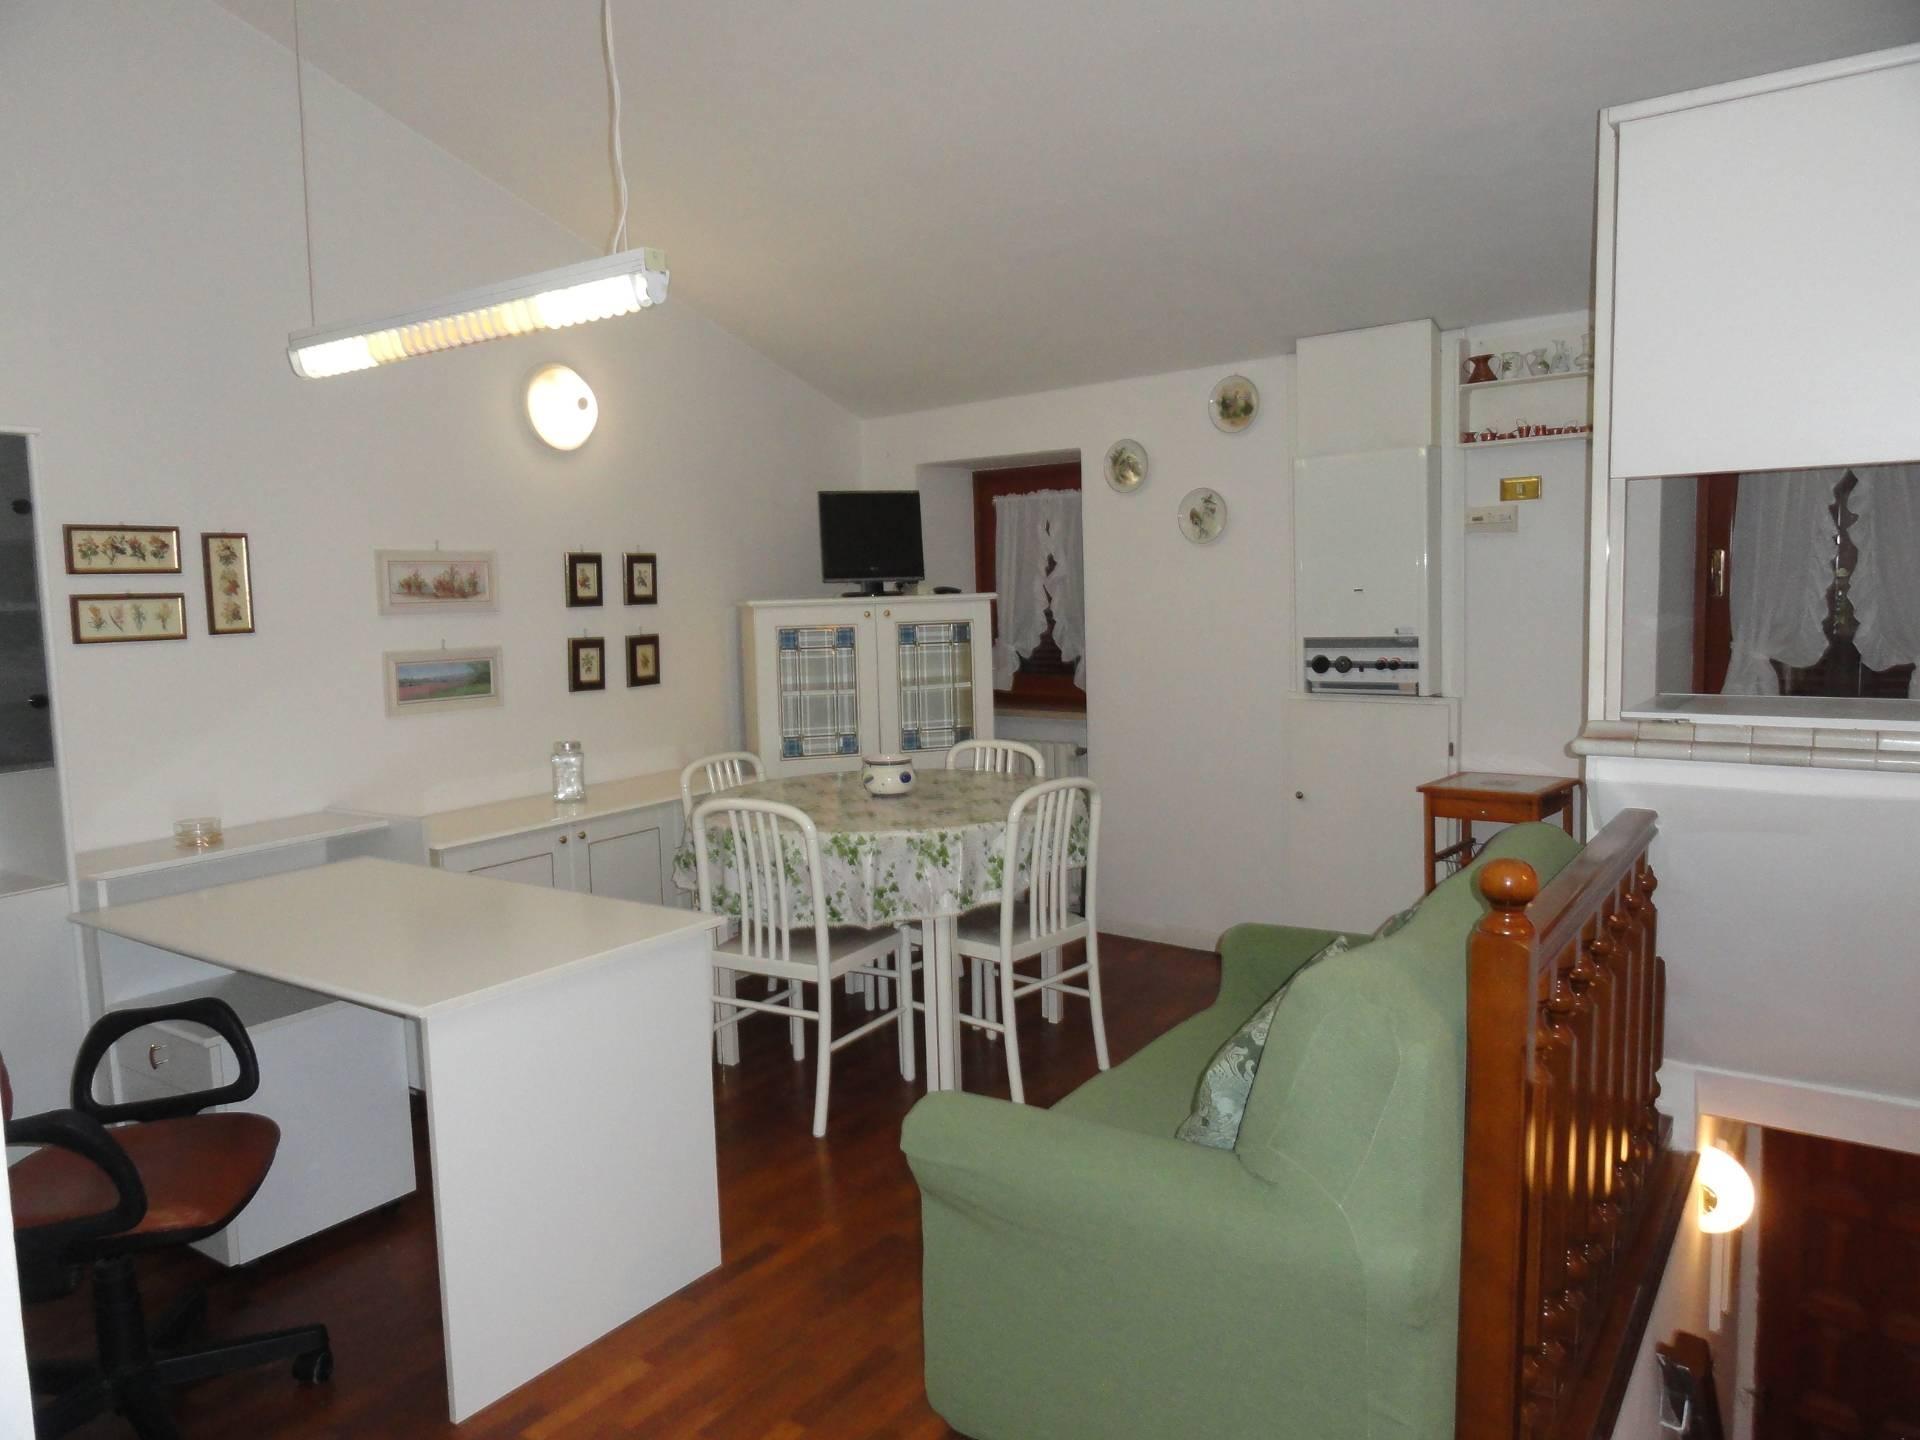 Appartamento in affitto a Teramo, 2 locali, zona Località: CentroStorico, prezzo € 380 | CambioCasa.it